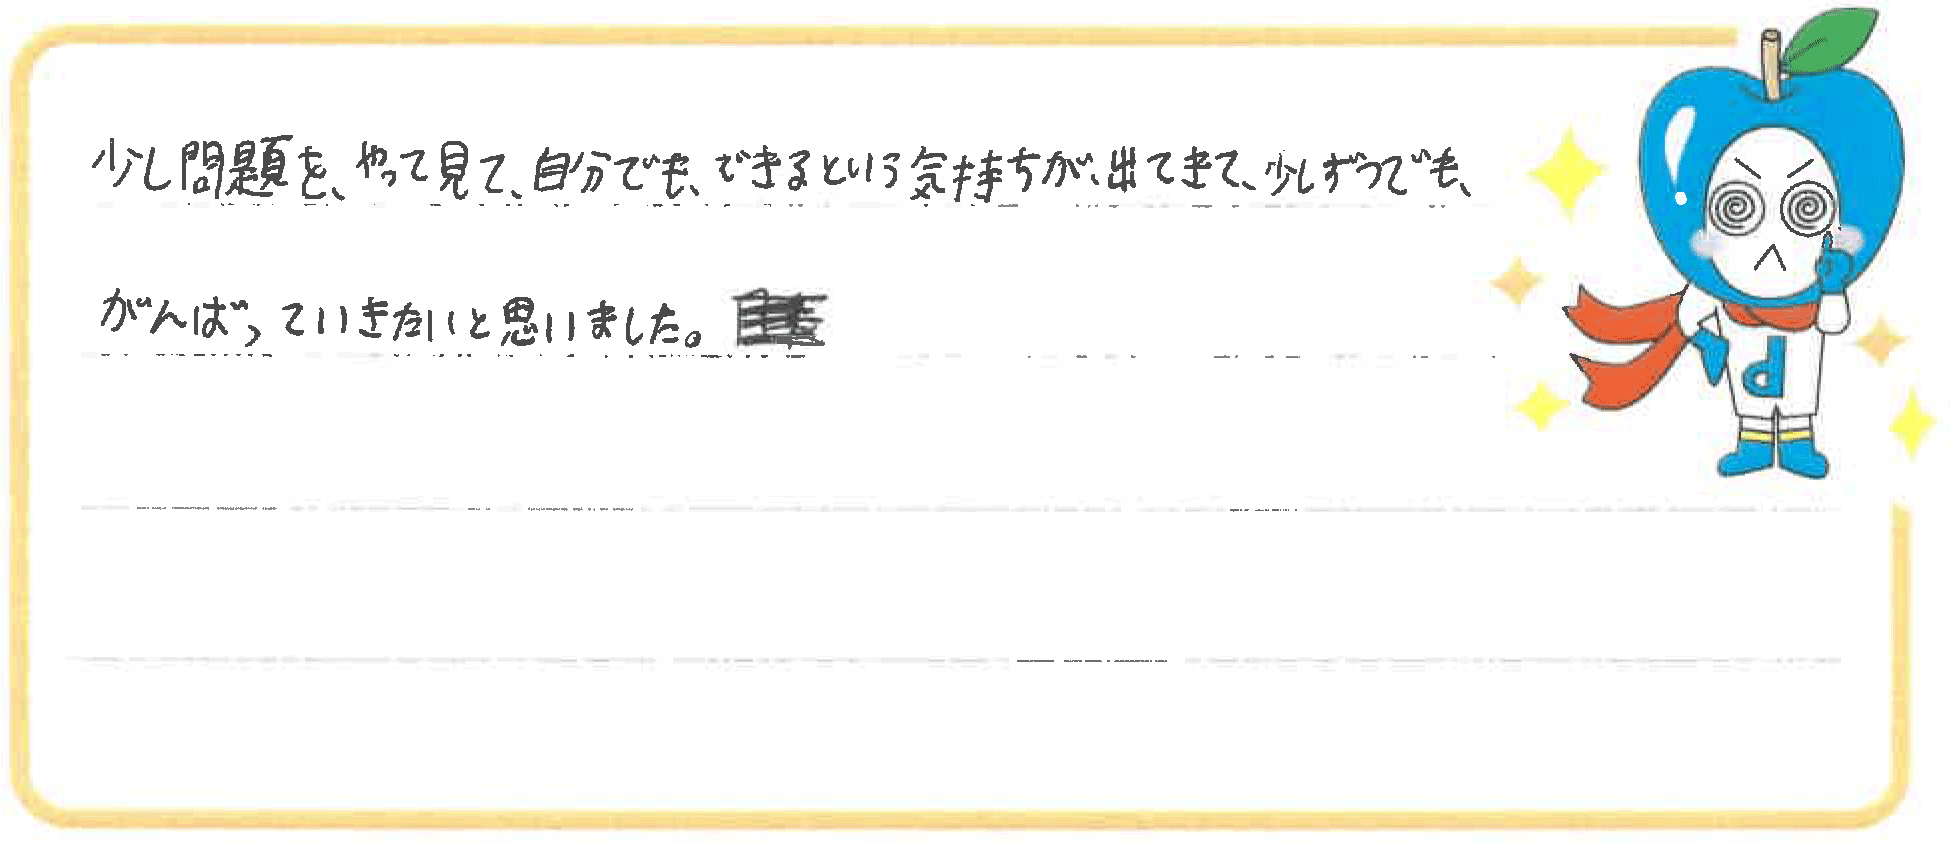 K君(大野市)からの口コミ